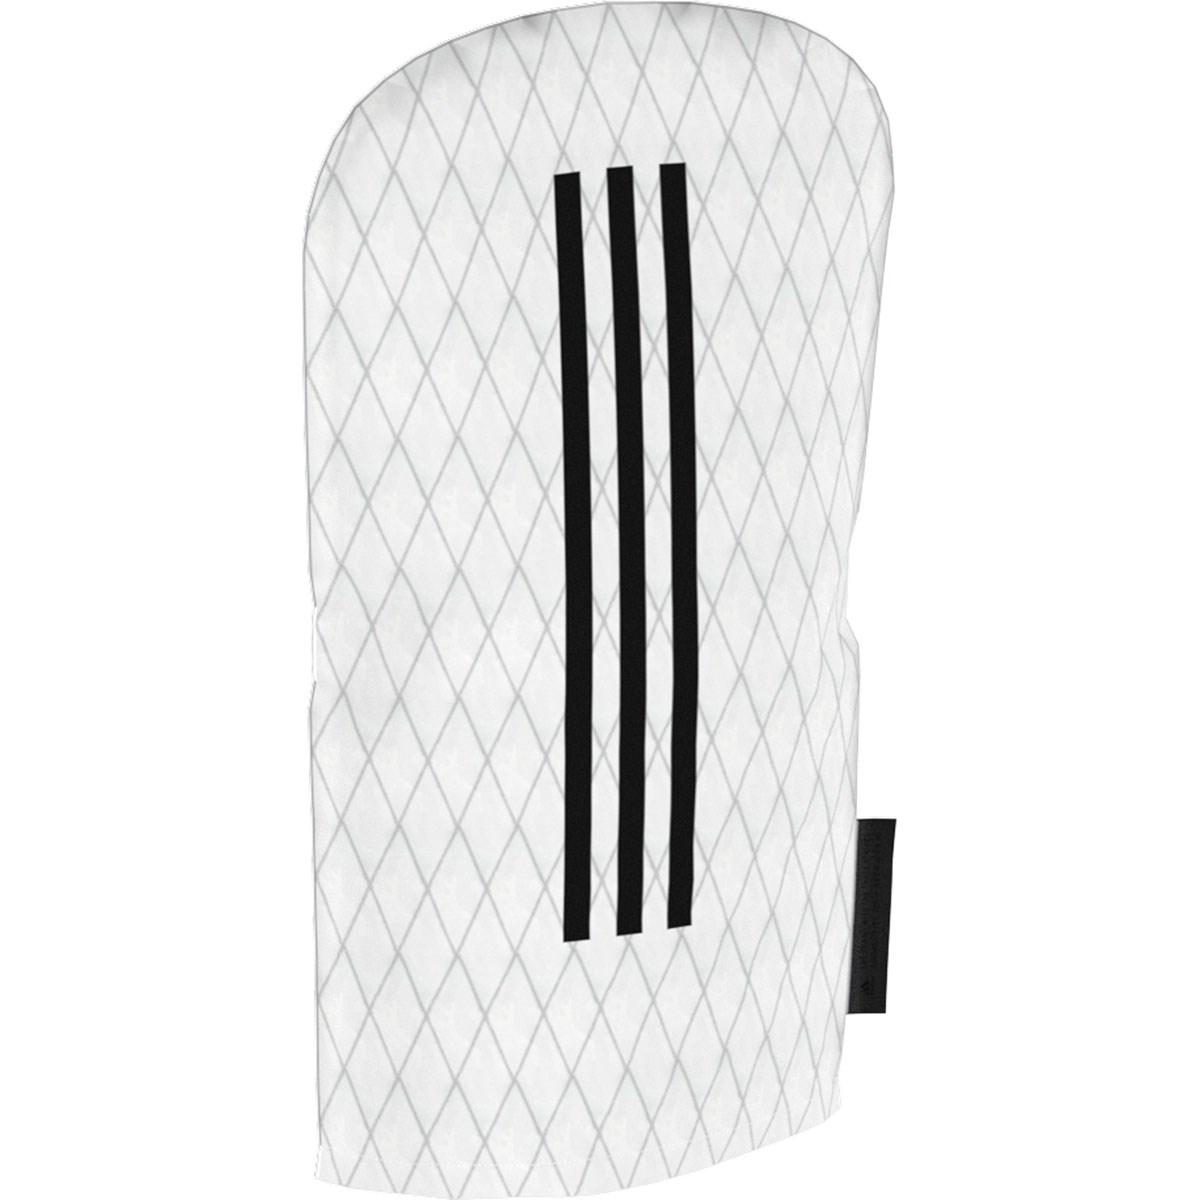 [値下げしました] アディダス adidas 3ストライプ ヘッドカバー DR用 ホワイト メンズ ゴルフ